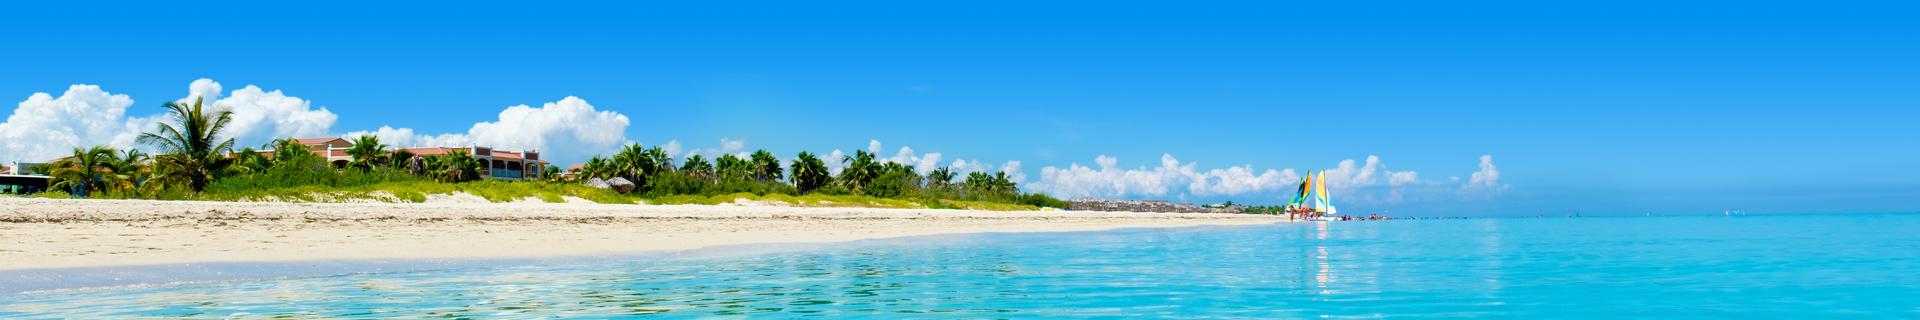 Het prachtige strand van Cuba